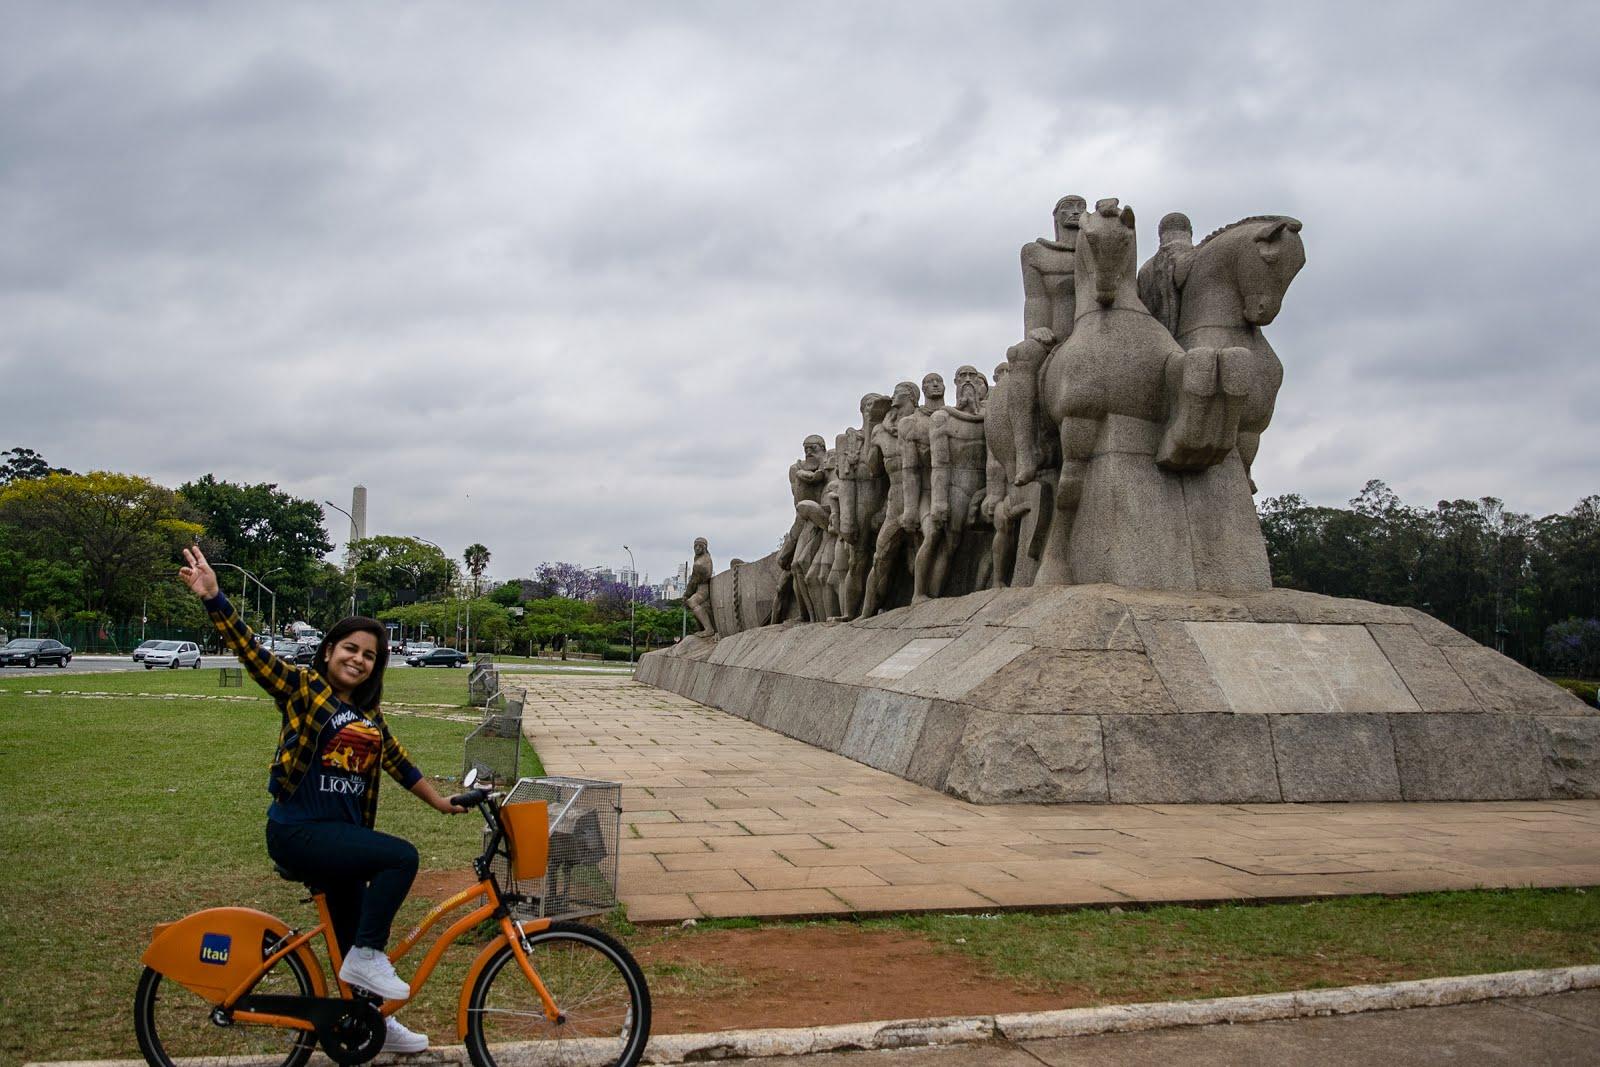 Sao Paulo ibirapuera bike